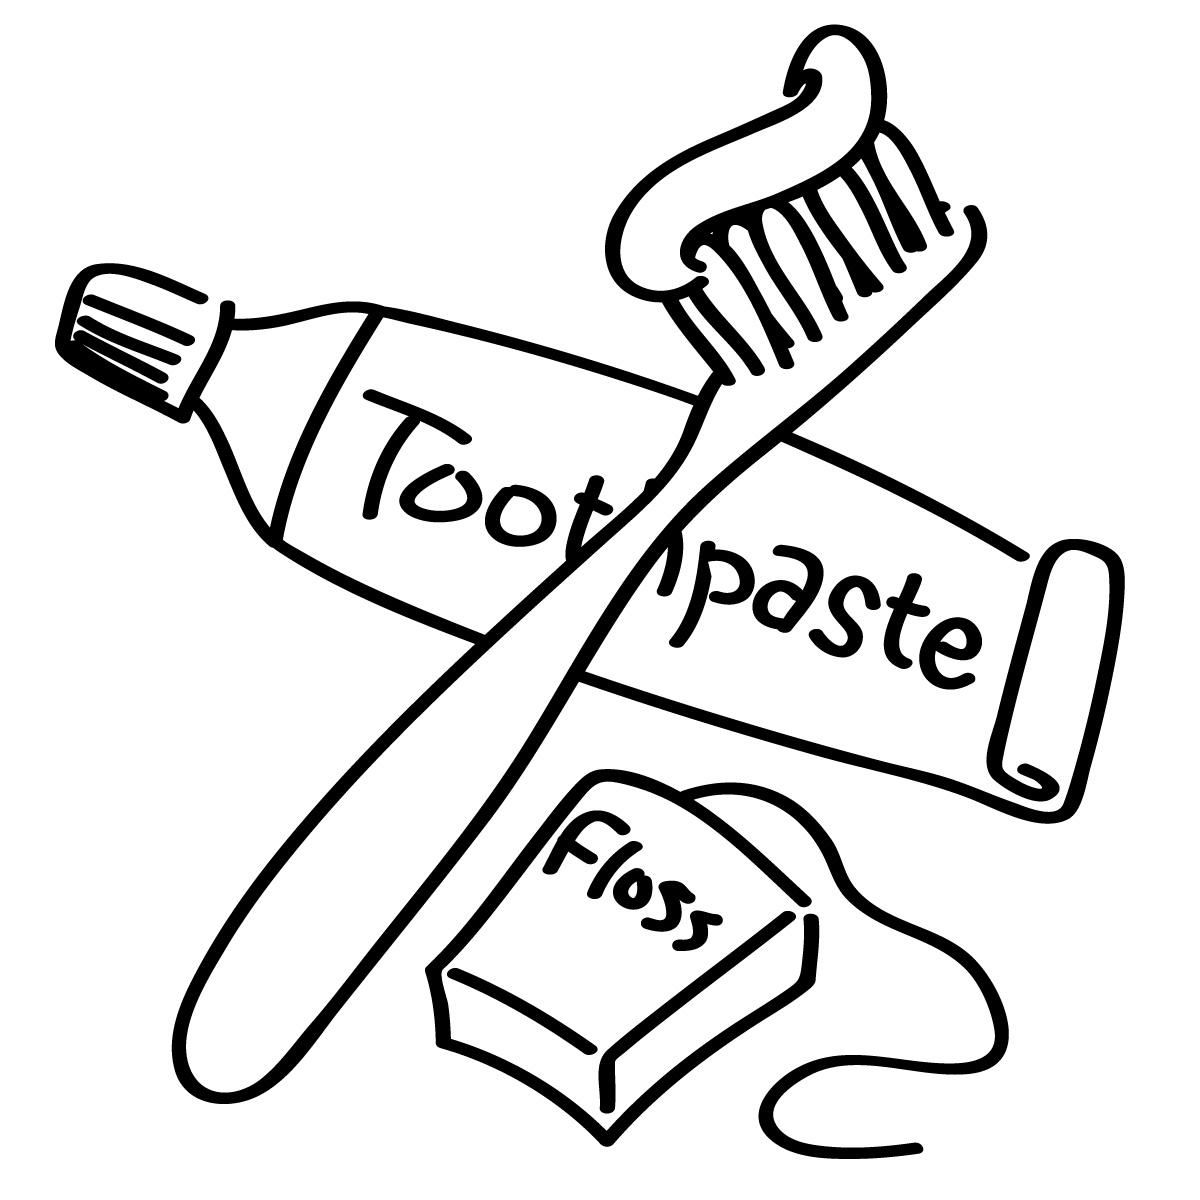 teeth clipart u0026middot; White Clip Art u0026middot; skill clipart